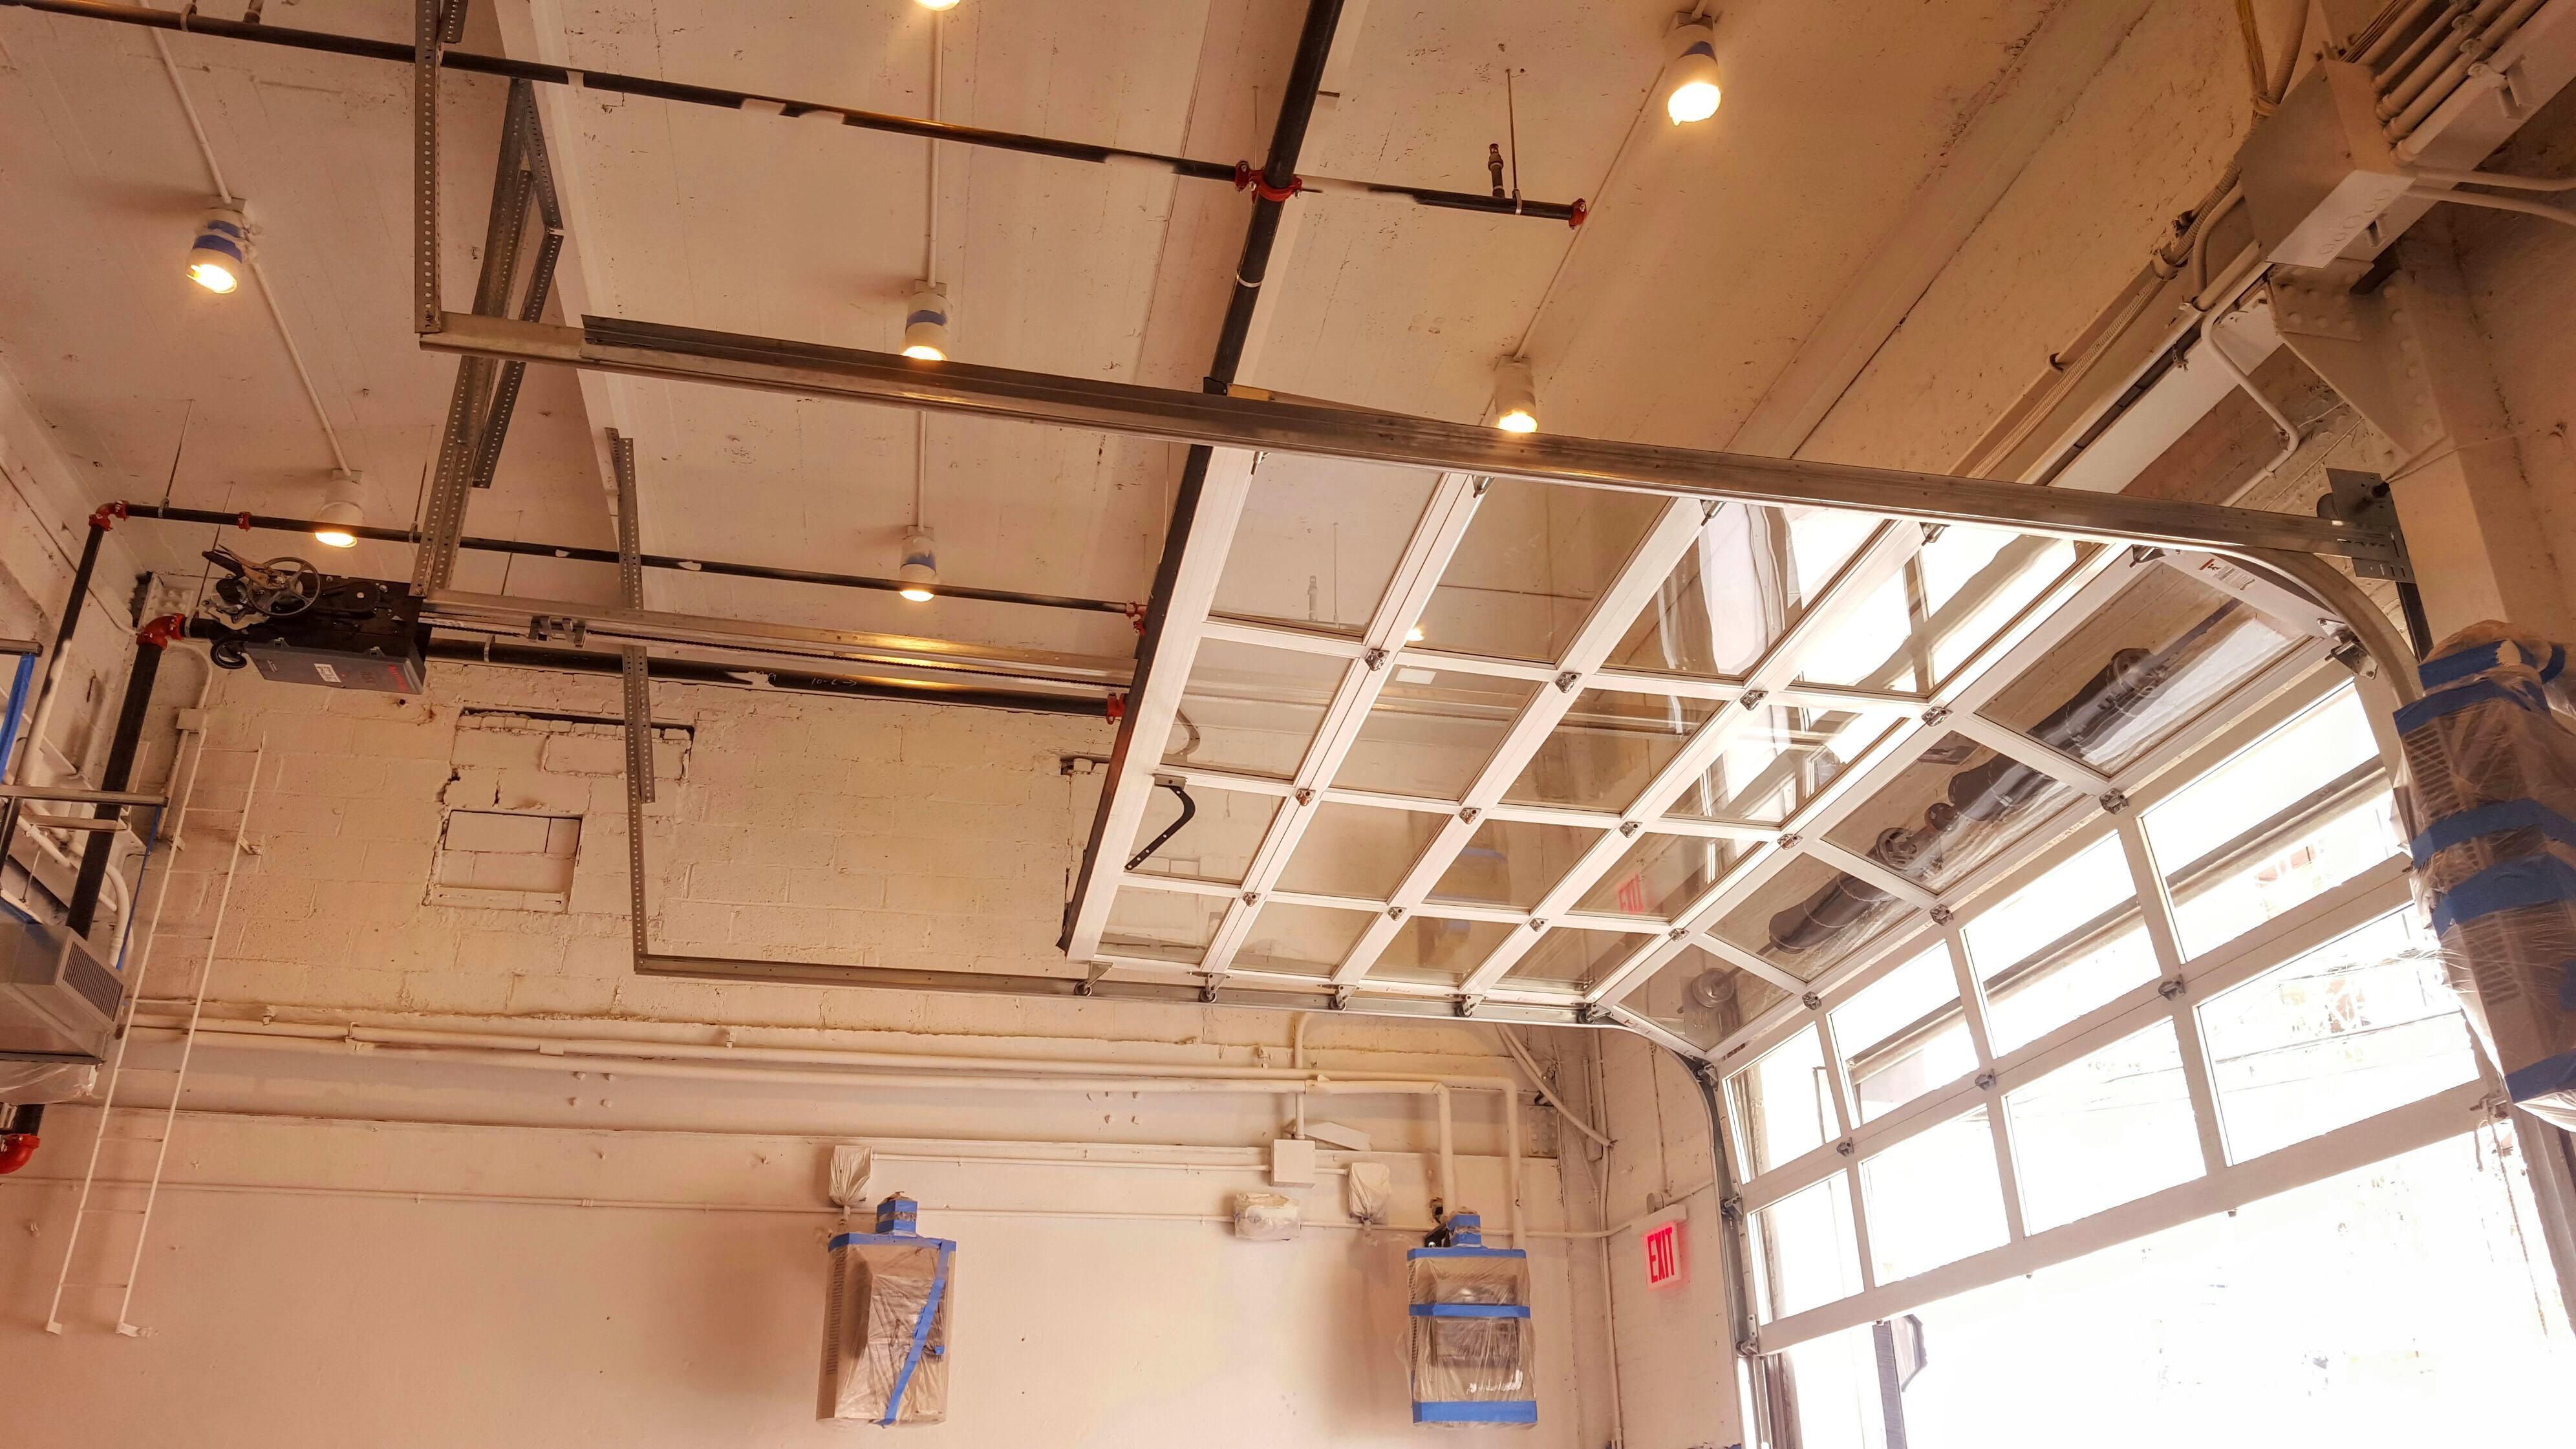 Glass Roller Garage Overhead Door 521 Series NYC